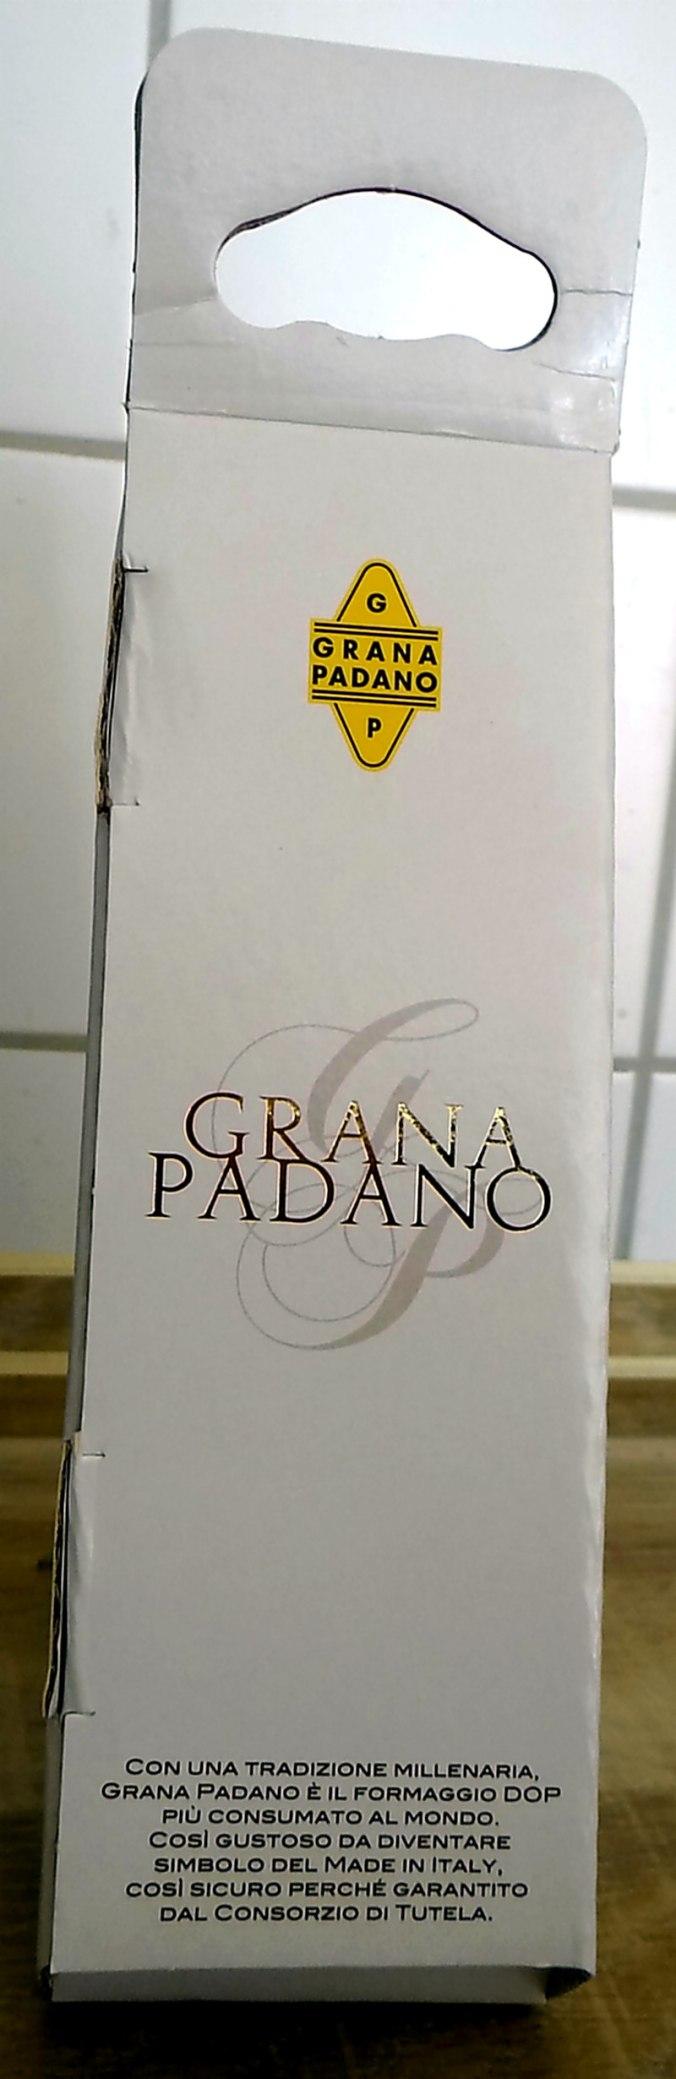 Spaghetti,Grana Padano,Prosciutto di San Daniele,grüner Spargel,Bärlauchpesto,Avocado (12)